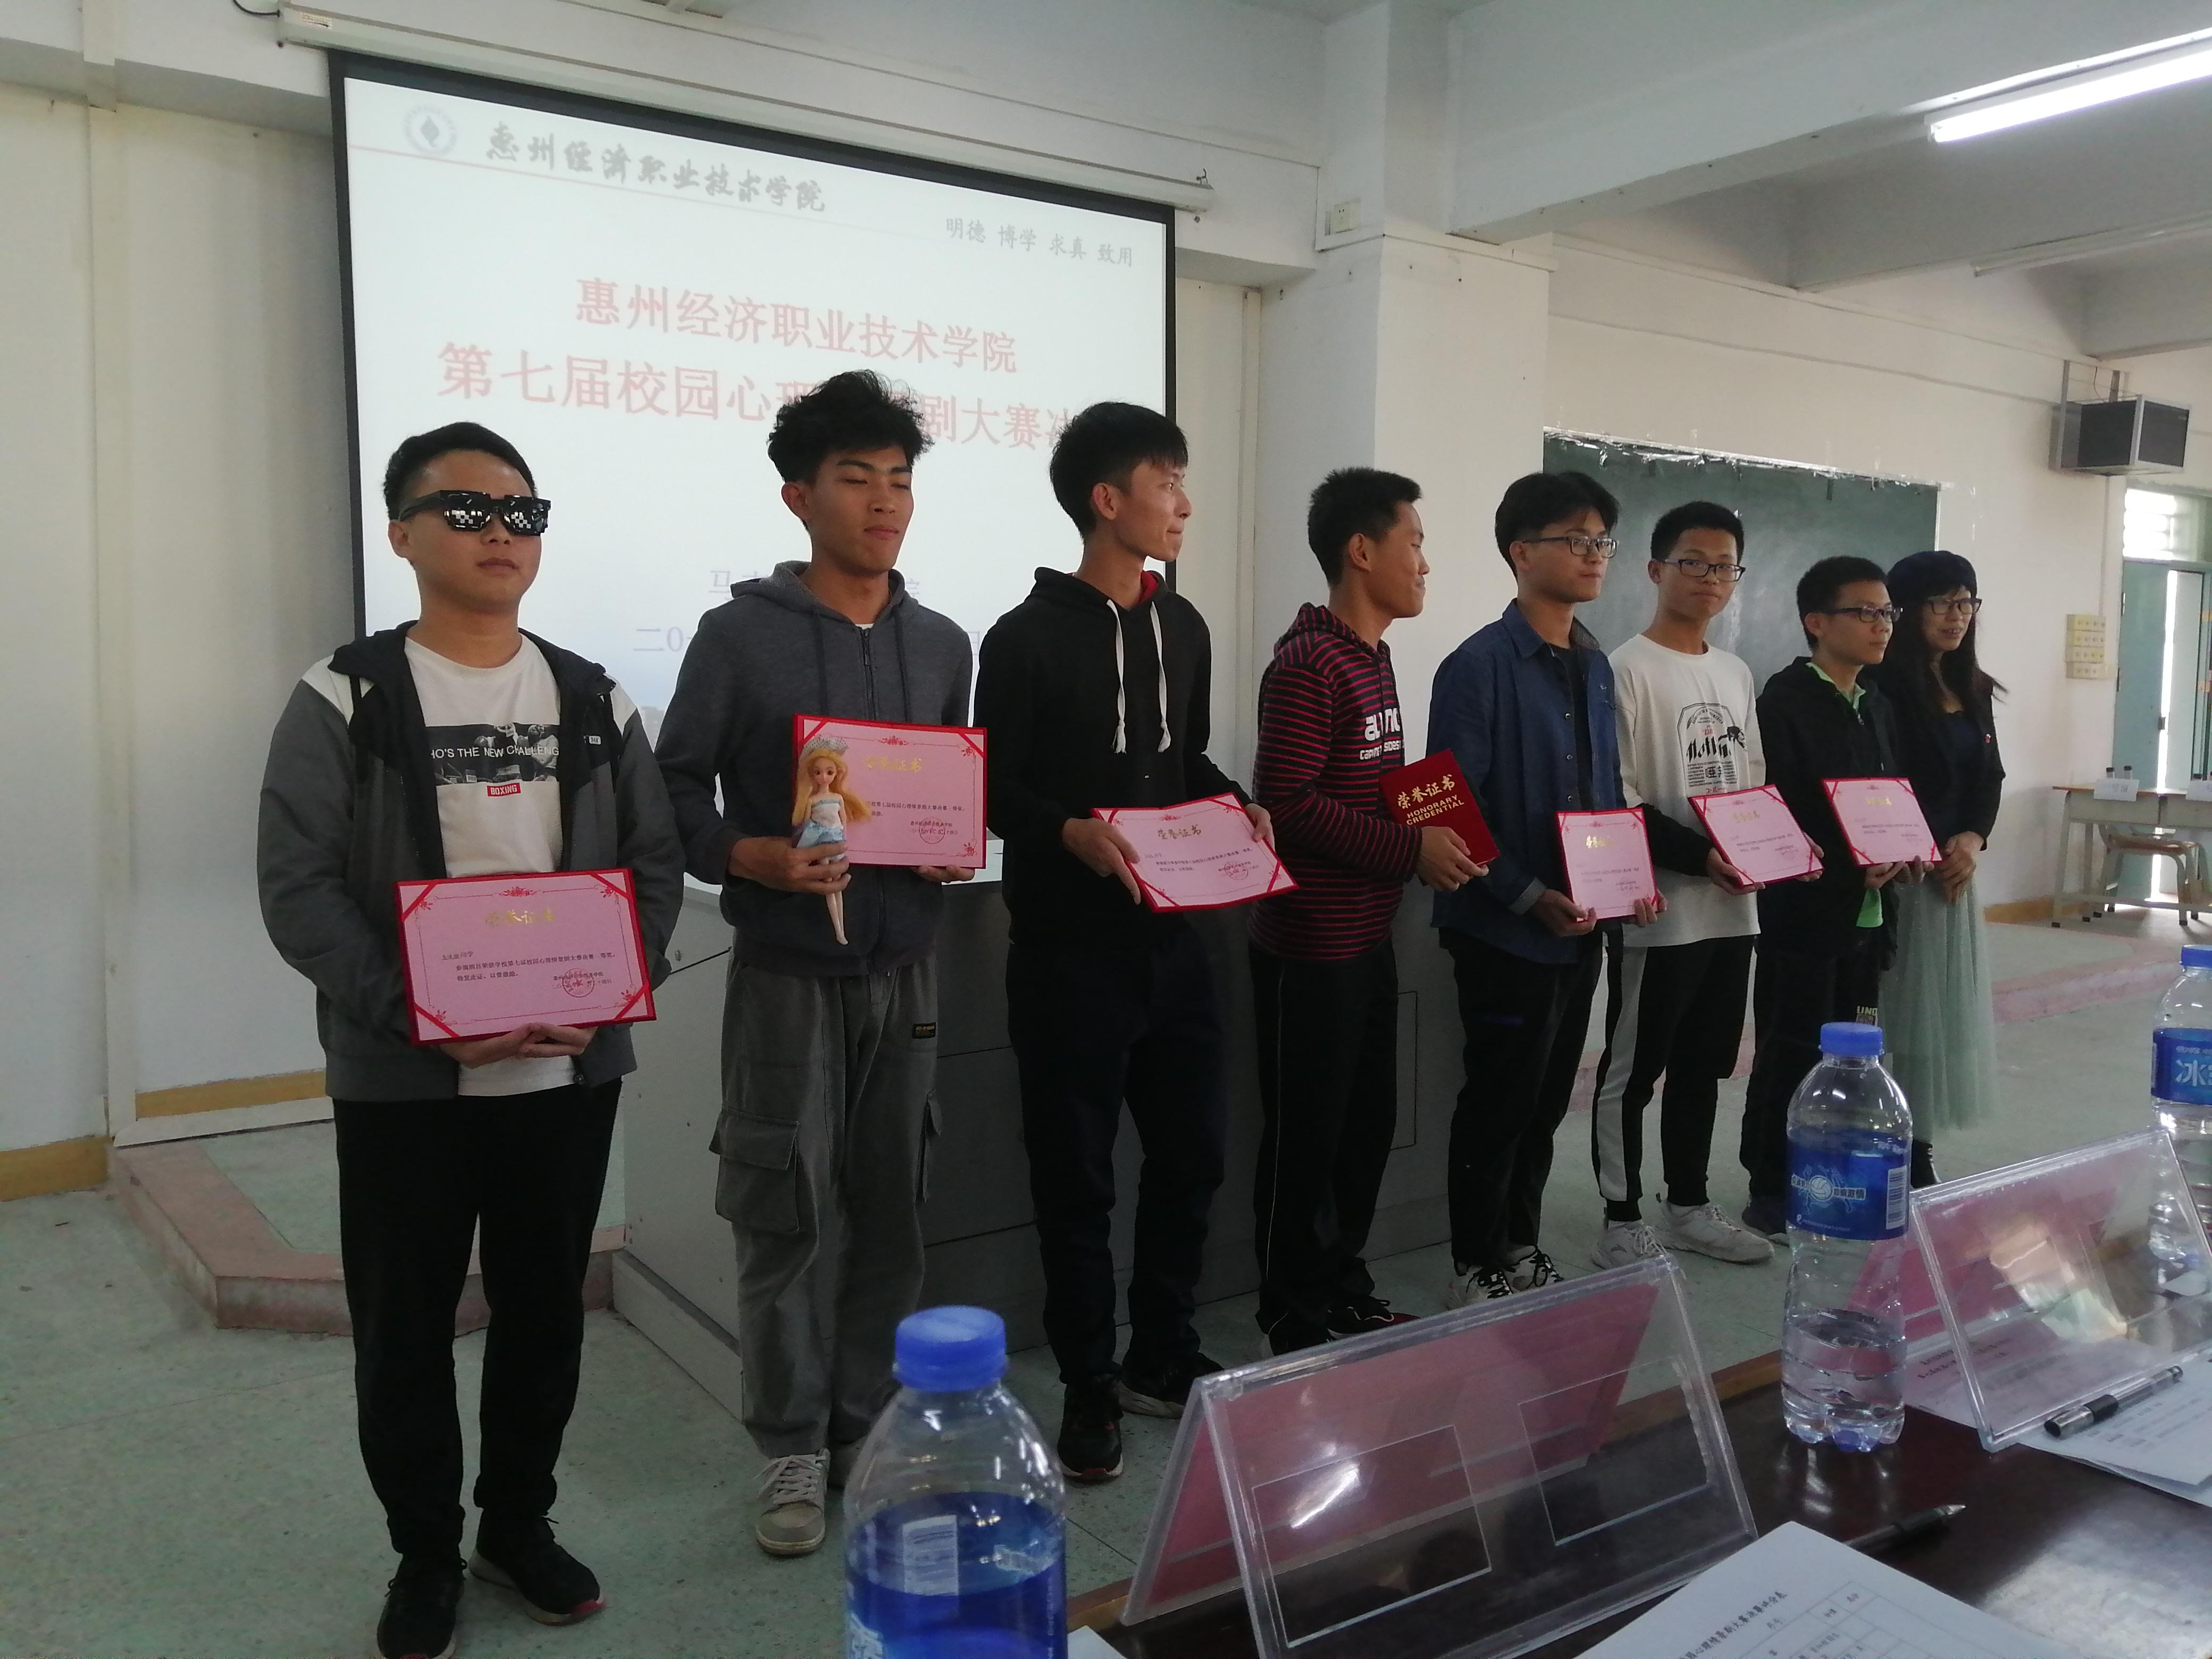 校第七届校园心理情景剧大赛决赛成功举行(图文)